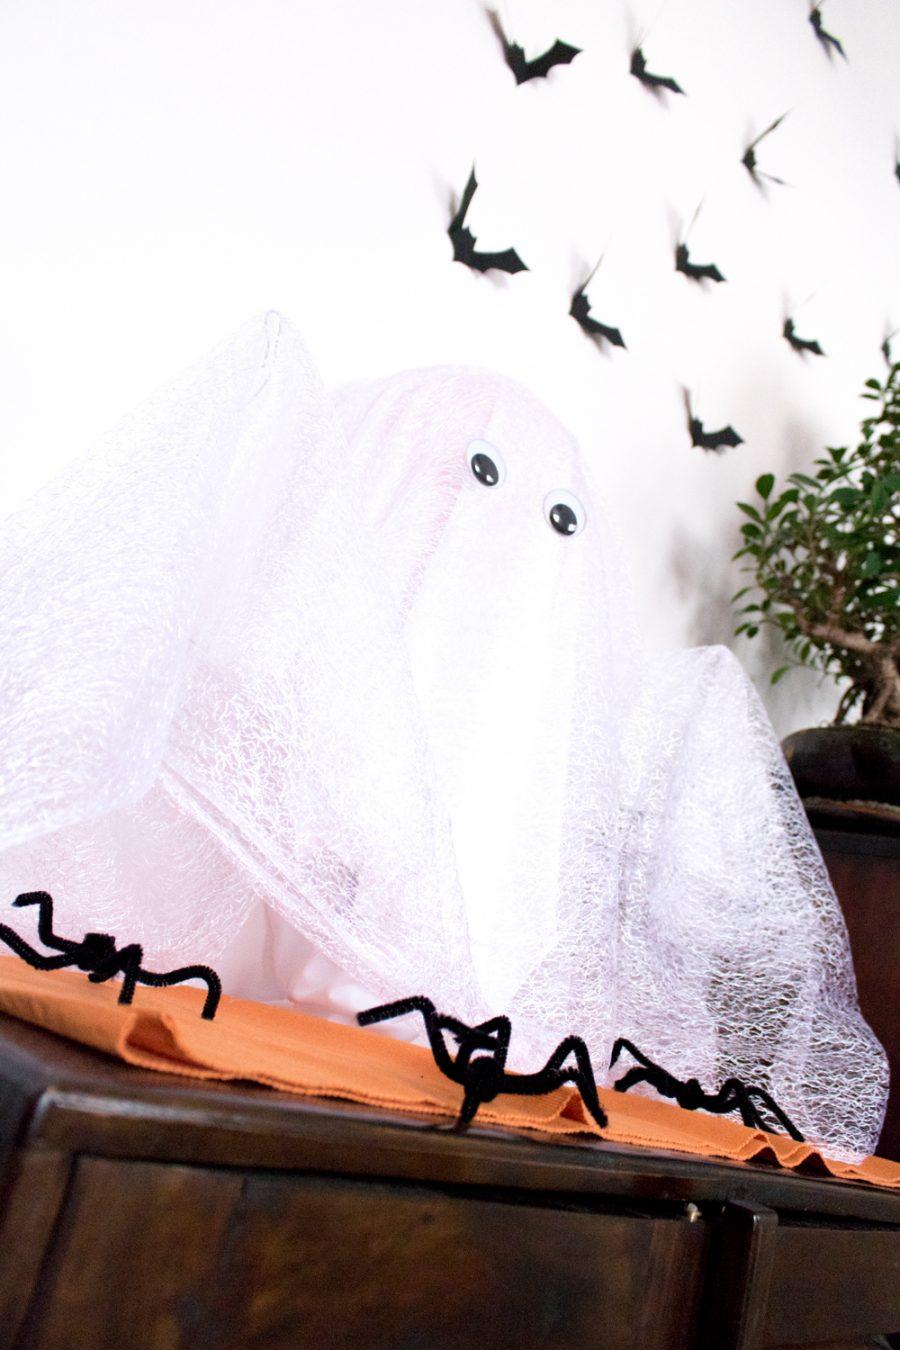 Décorations fantome araignée et chauve souris pour halloween en diy